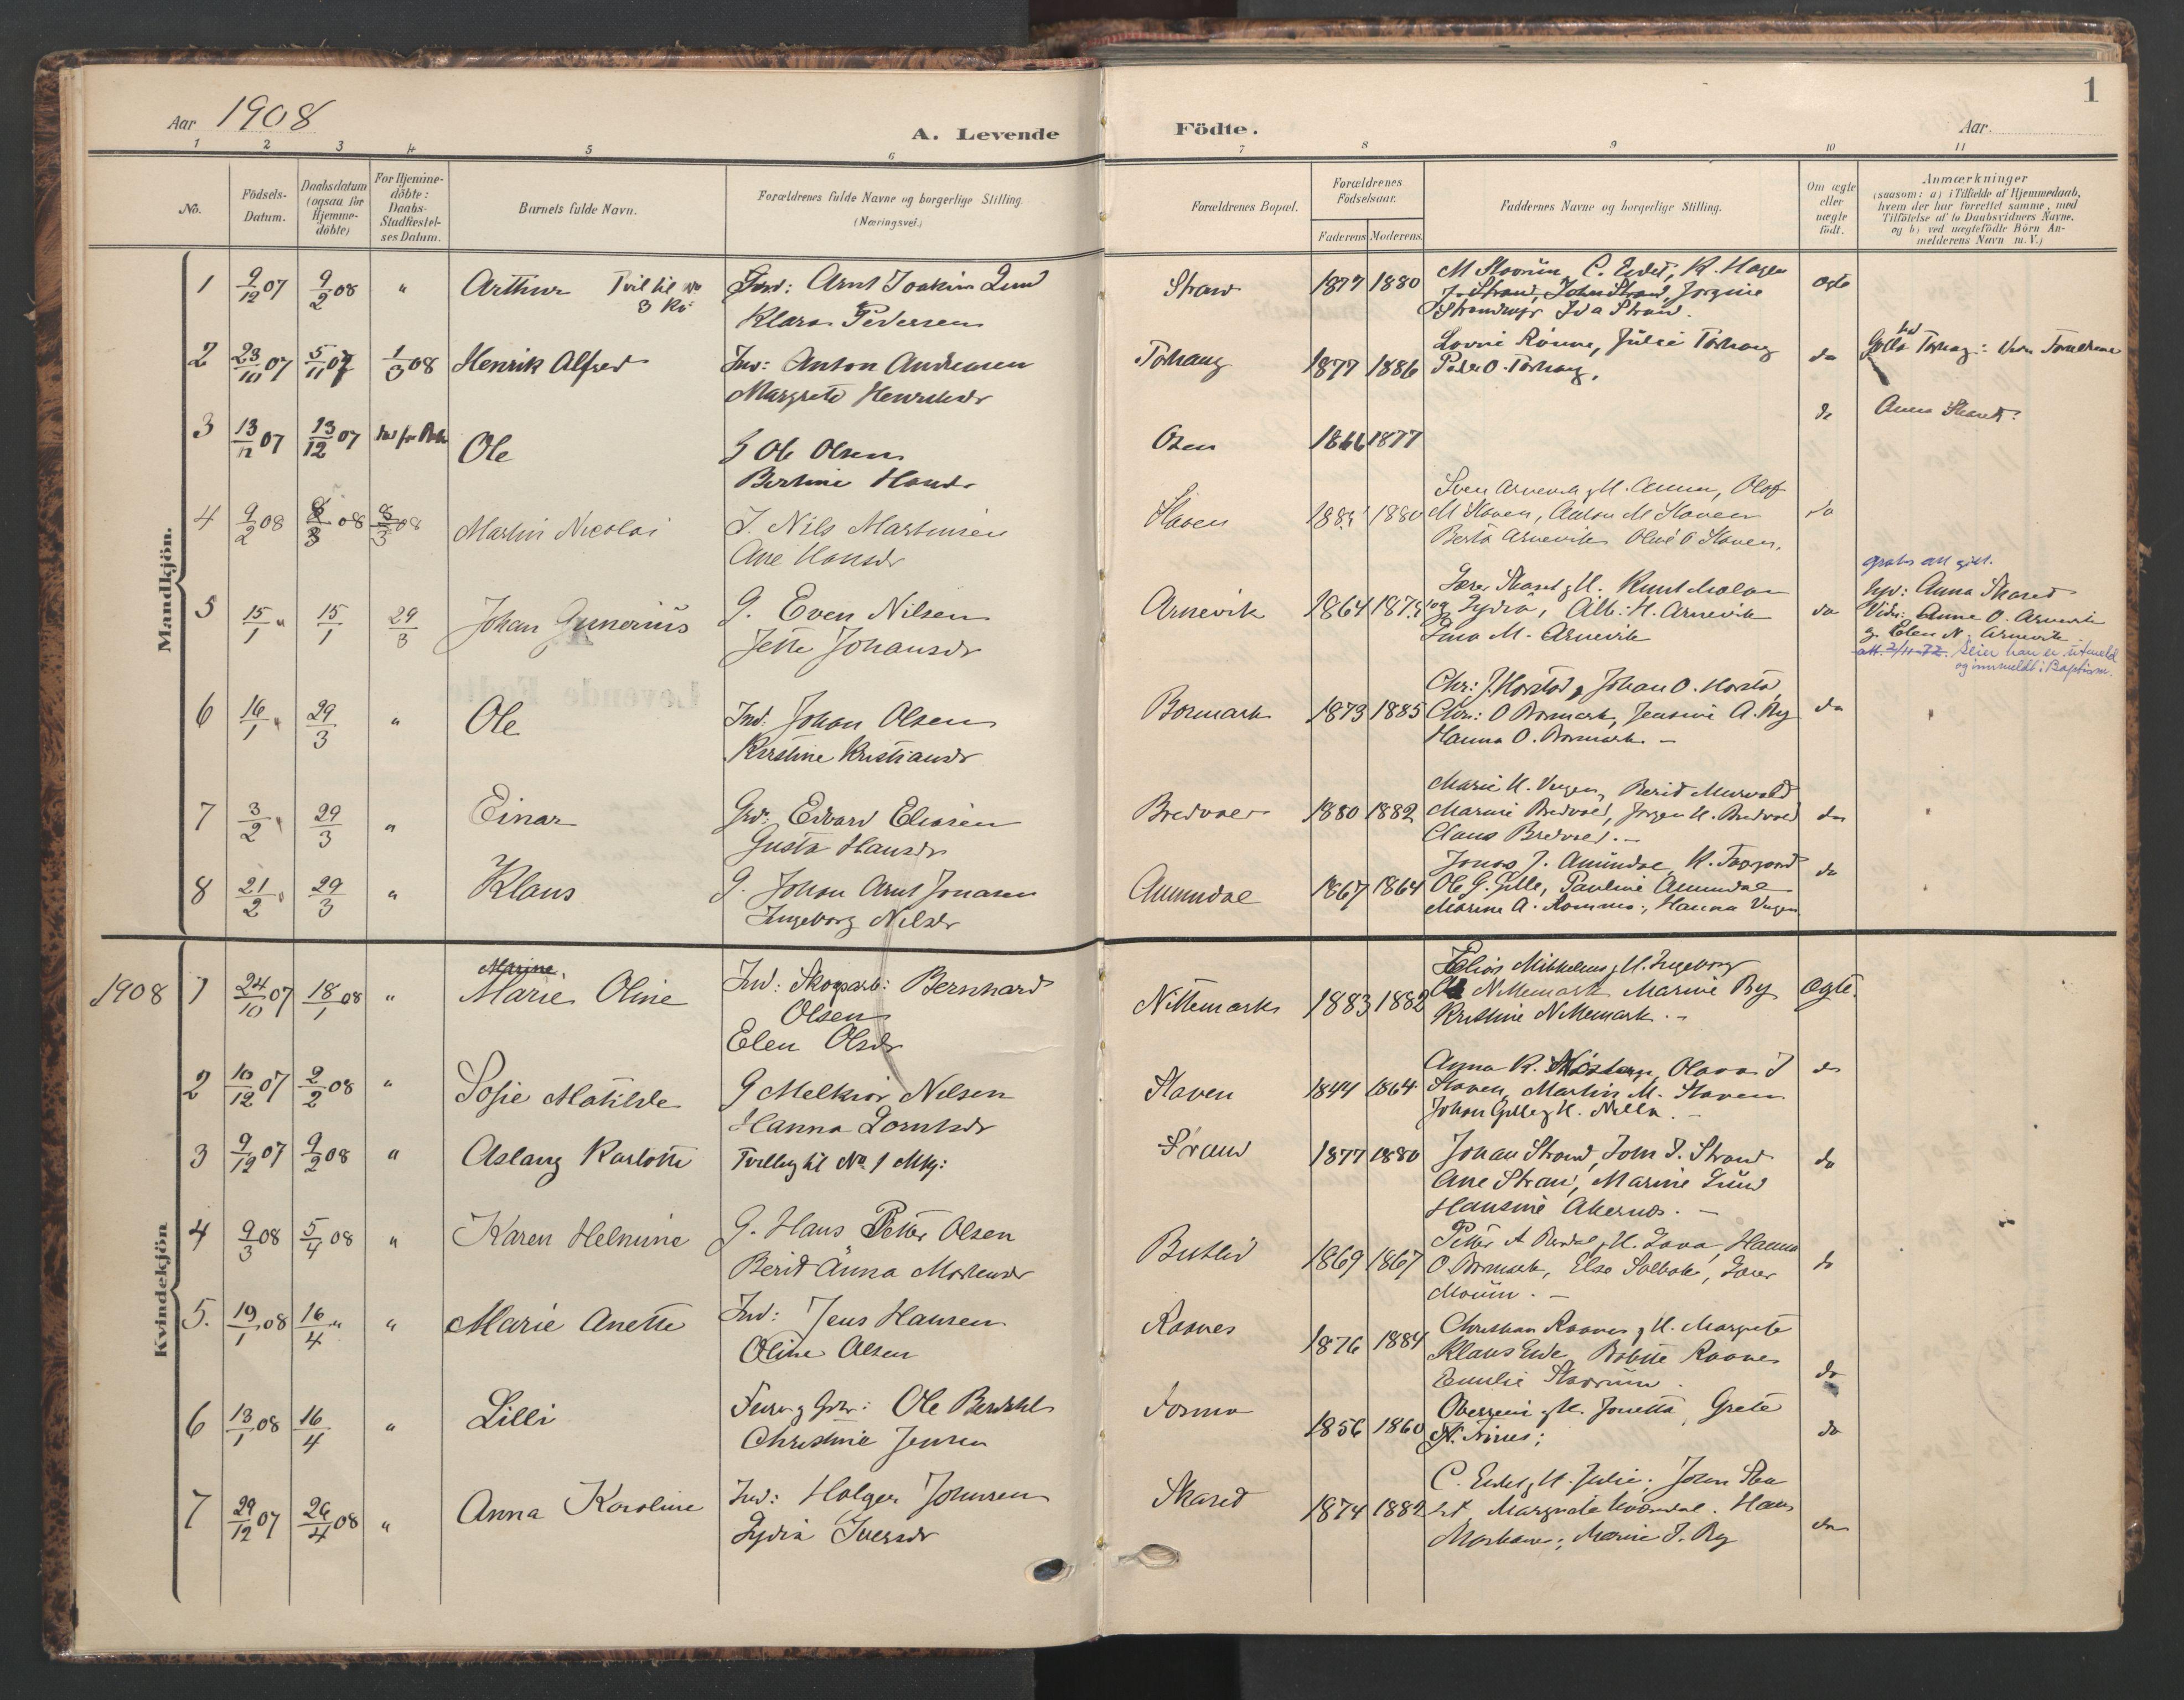 SAT, Ministerialprotokoller, klokkerbøker og fødselsregistre - Sør-Trøndelag, 655/L0682: Ministerialbok nr. 655A11, 1908-1922, s. 1